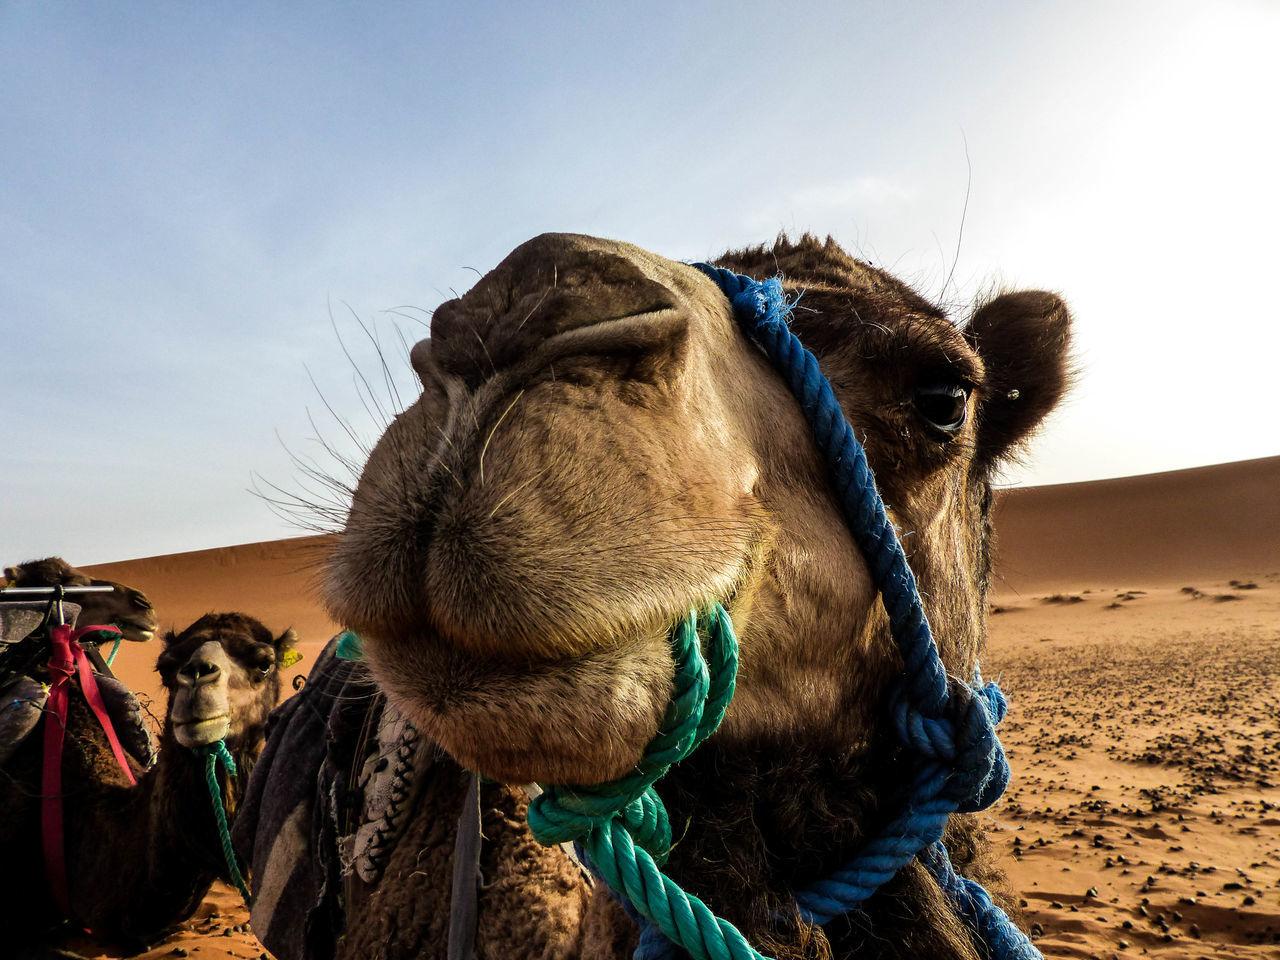 Sunny, Hot day in the beautiful and inmense Sahara Desert. Africa Animal Camel Camel Riding Close-up Desert Marruecos Morocco Nature Sahara Sahara Desert